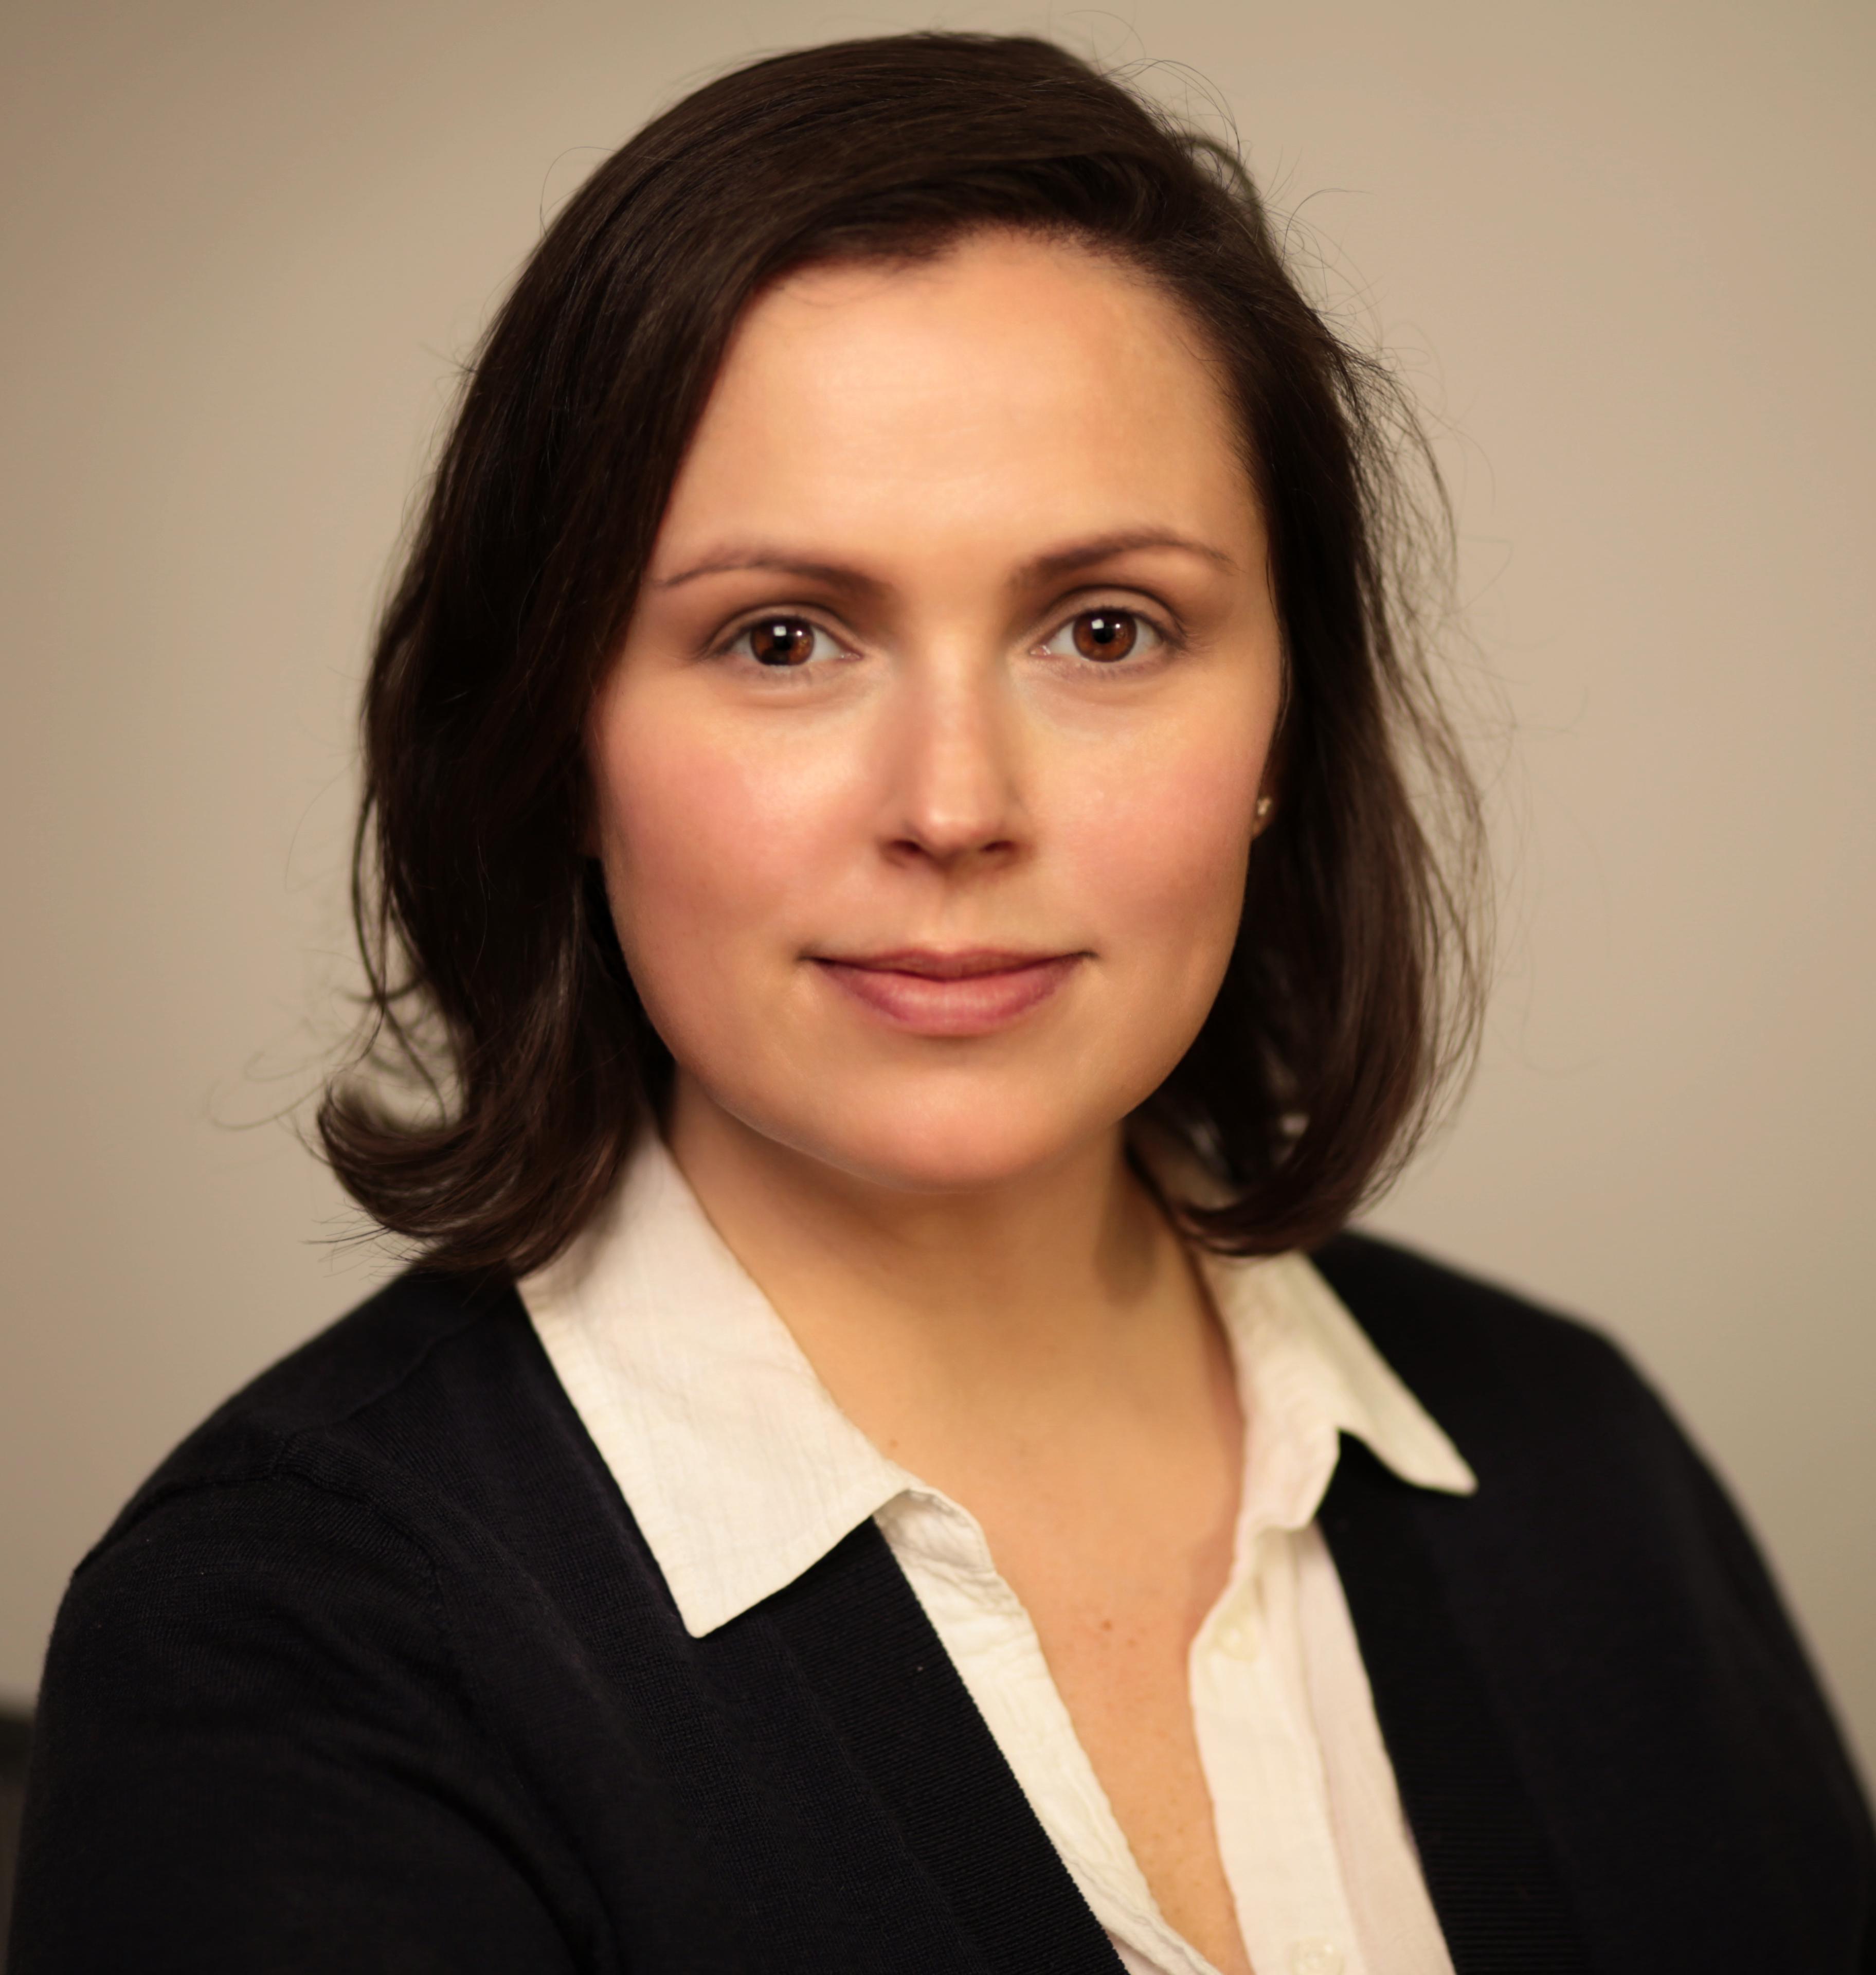 Julie VanDeWeghe